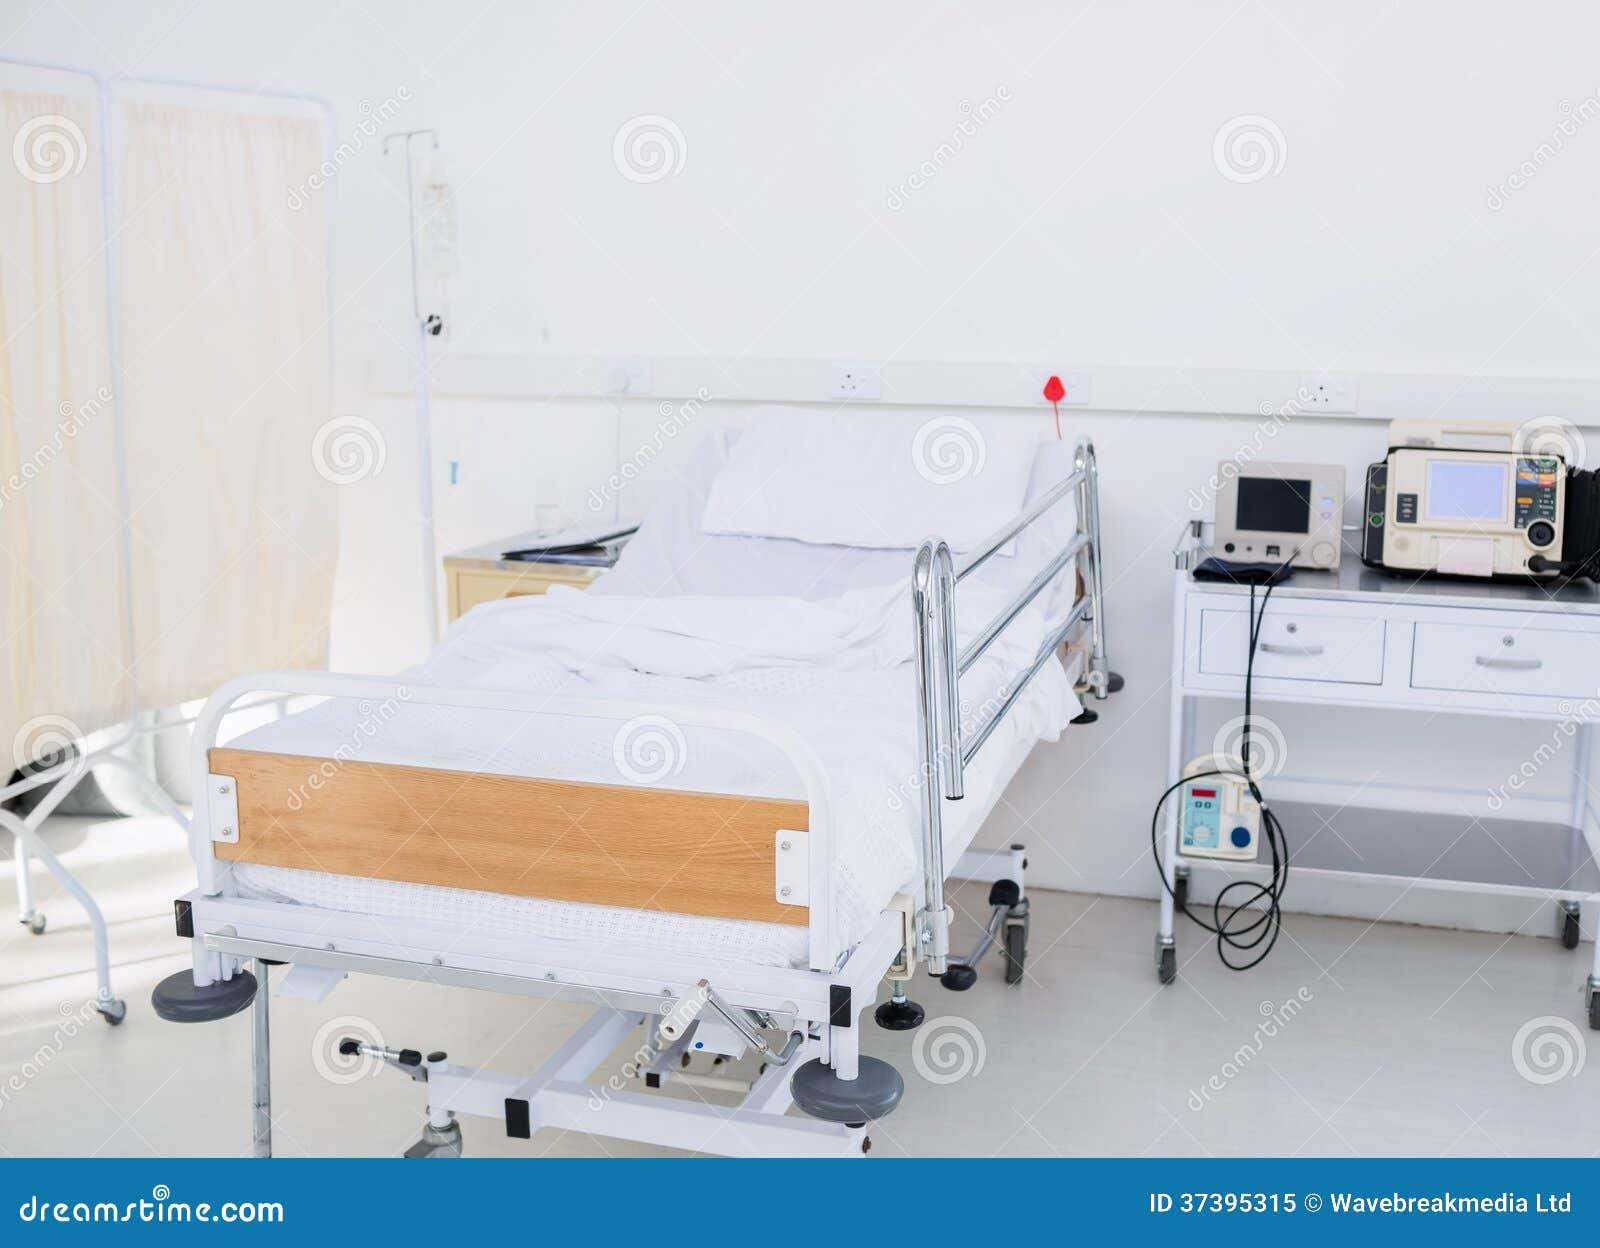 Letto vuoto nella stanza di ospedale immagine stock - Letto di emergenza ...